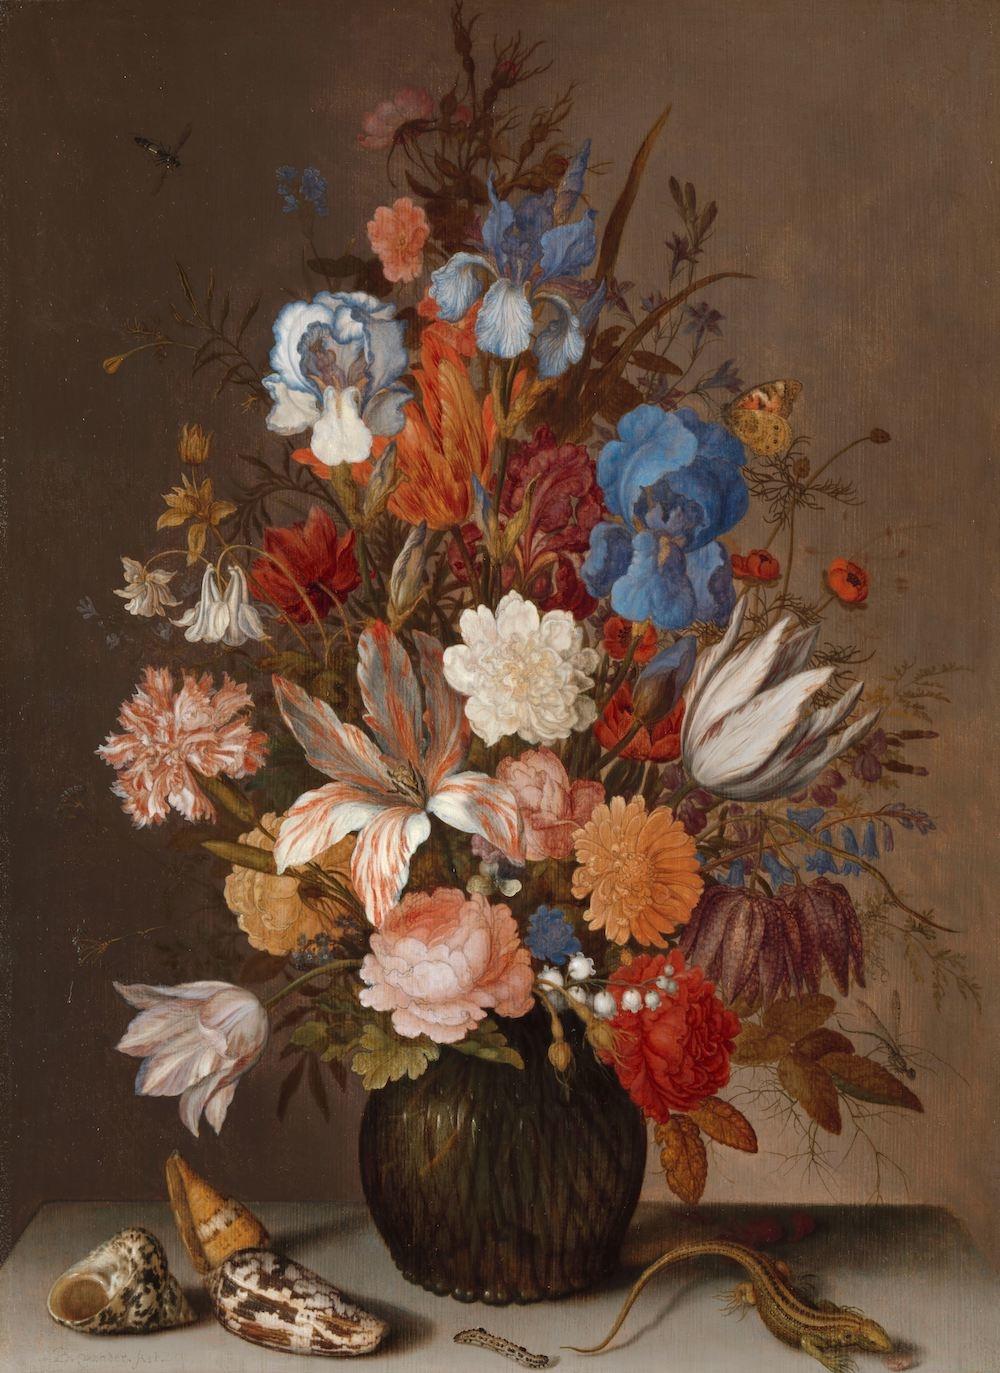 Balthasar van der Ast - Stilleven met bloemen 60x90cm, Rijksmuseum, print op canvas, premium print,